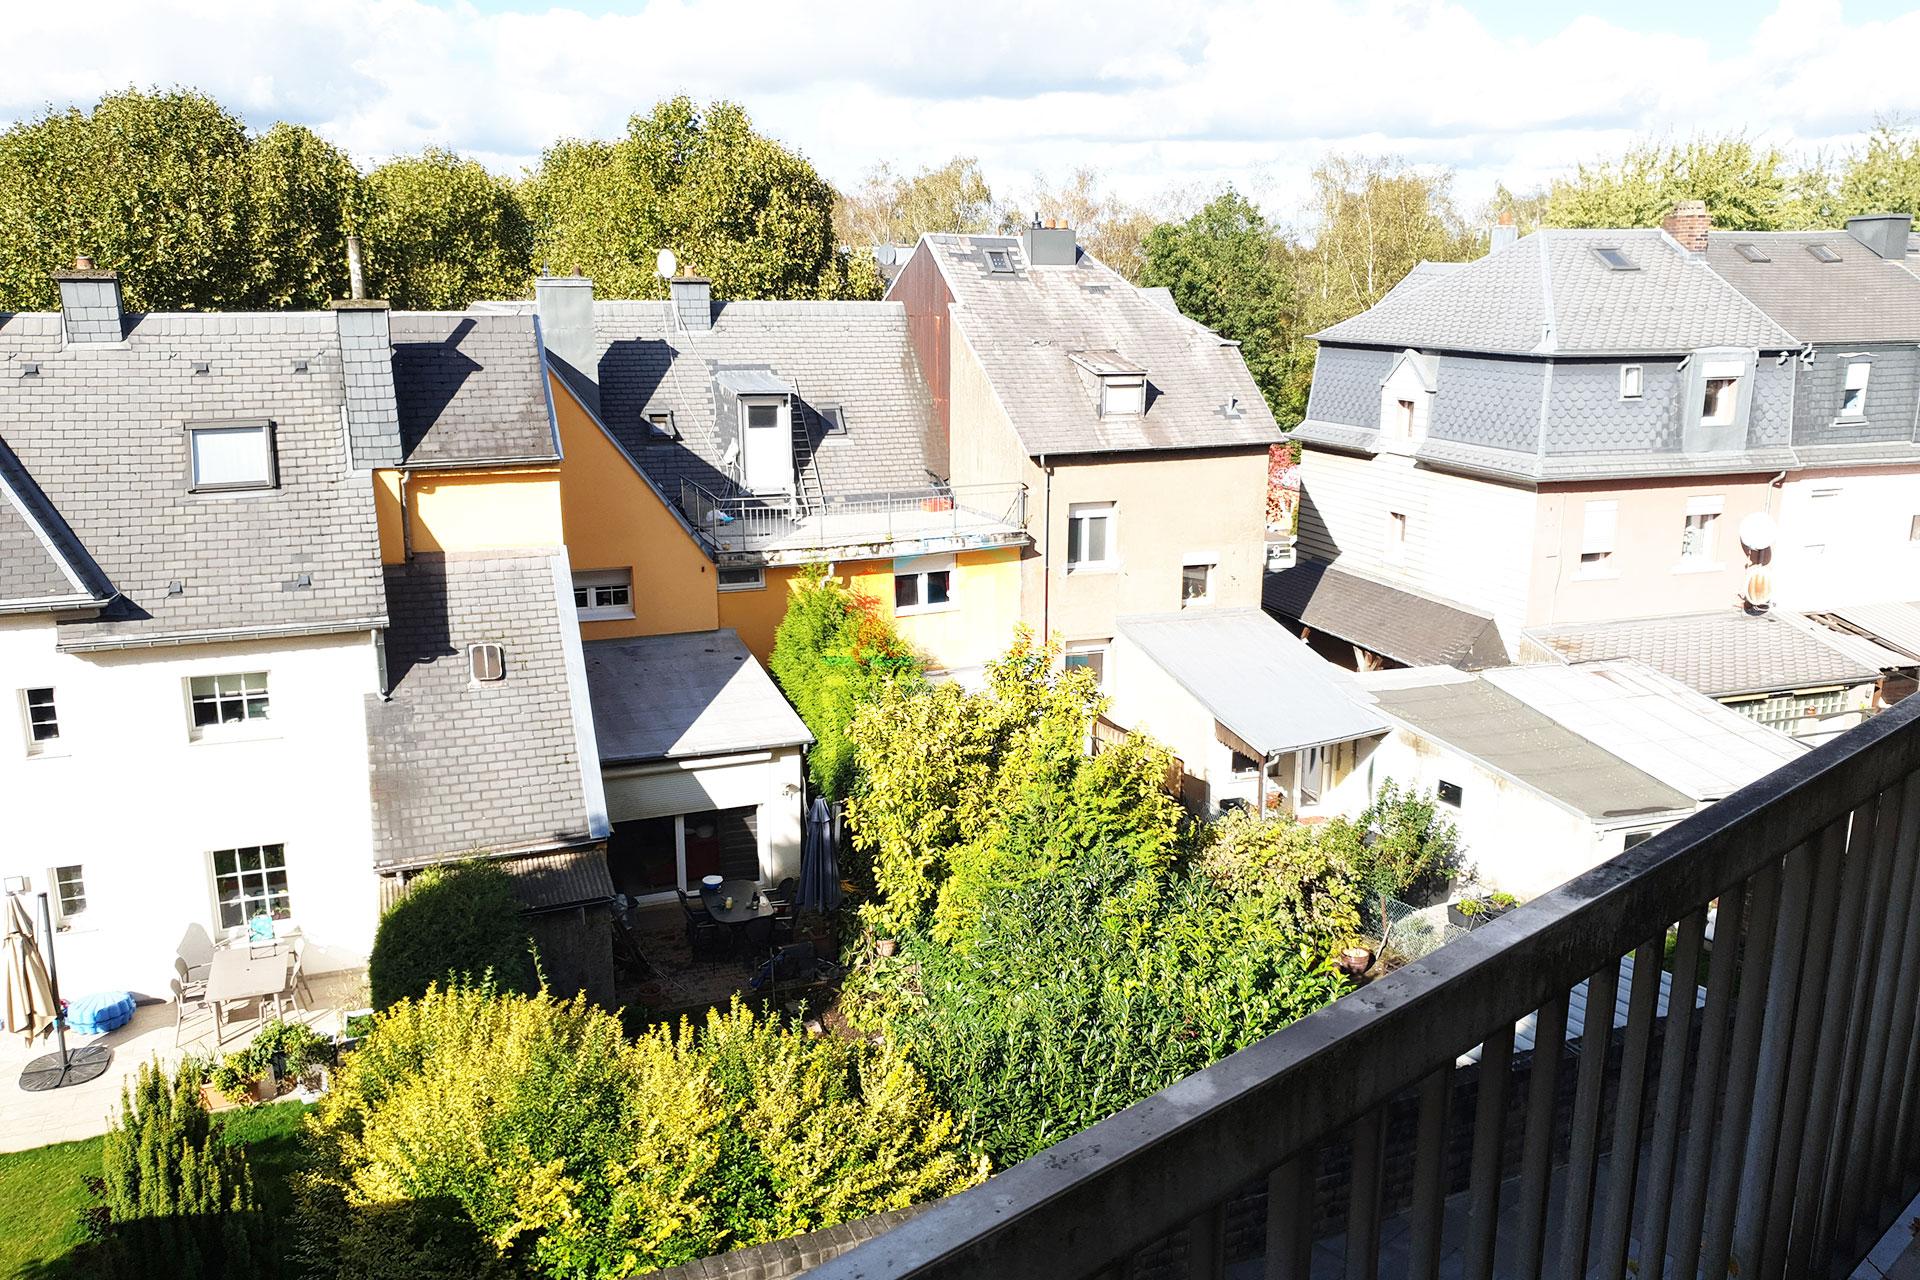 Appartement-a-vendre-a-Esch-sur-Alzette-IMMO-SARL-4